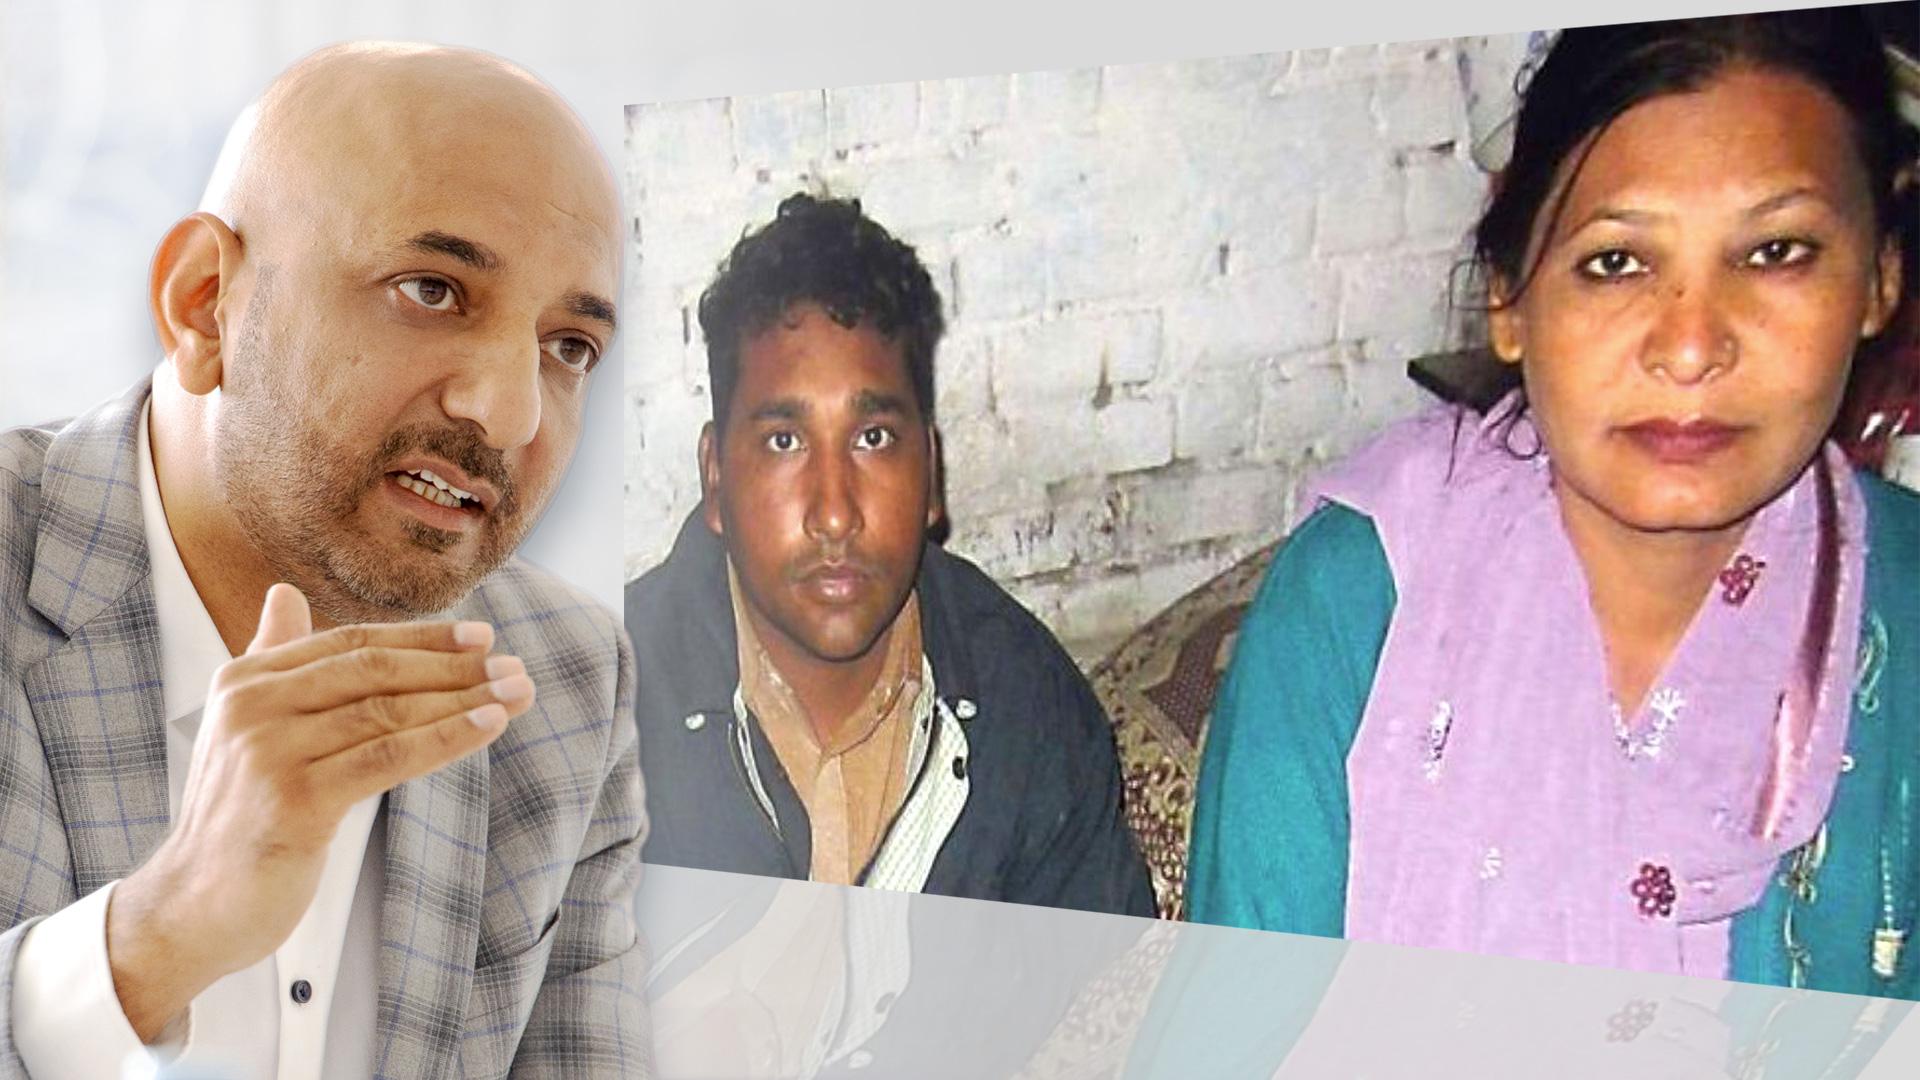 Mutige Richter in Pakistan: Todesstrafe wegen Blasphemie aufgehoben, Freispruch für Christen